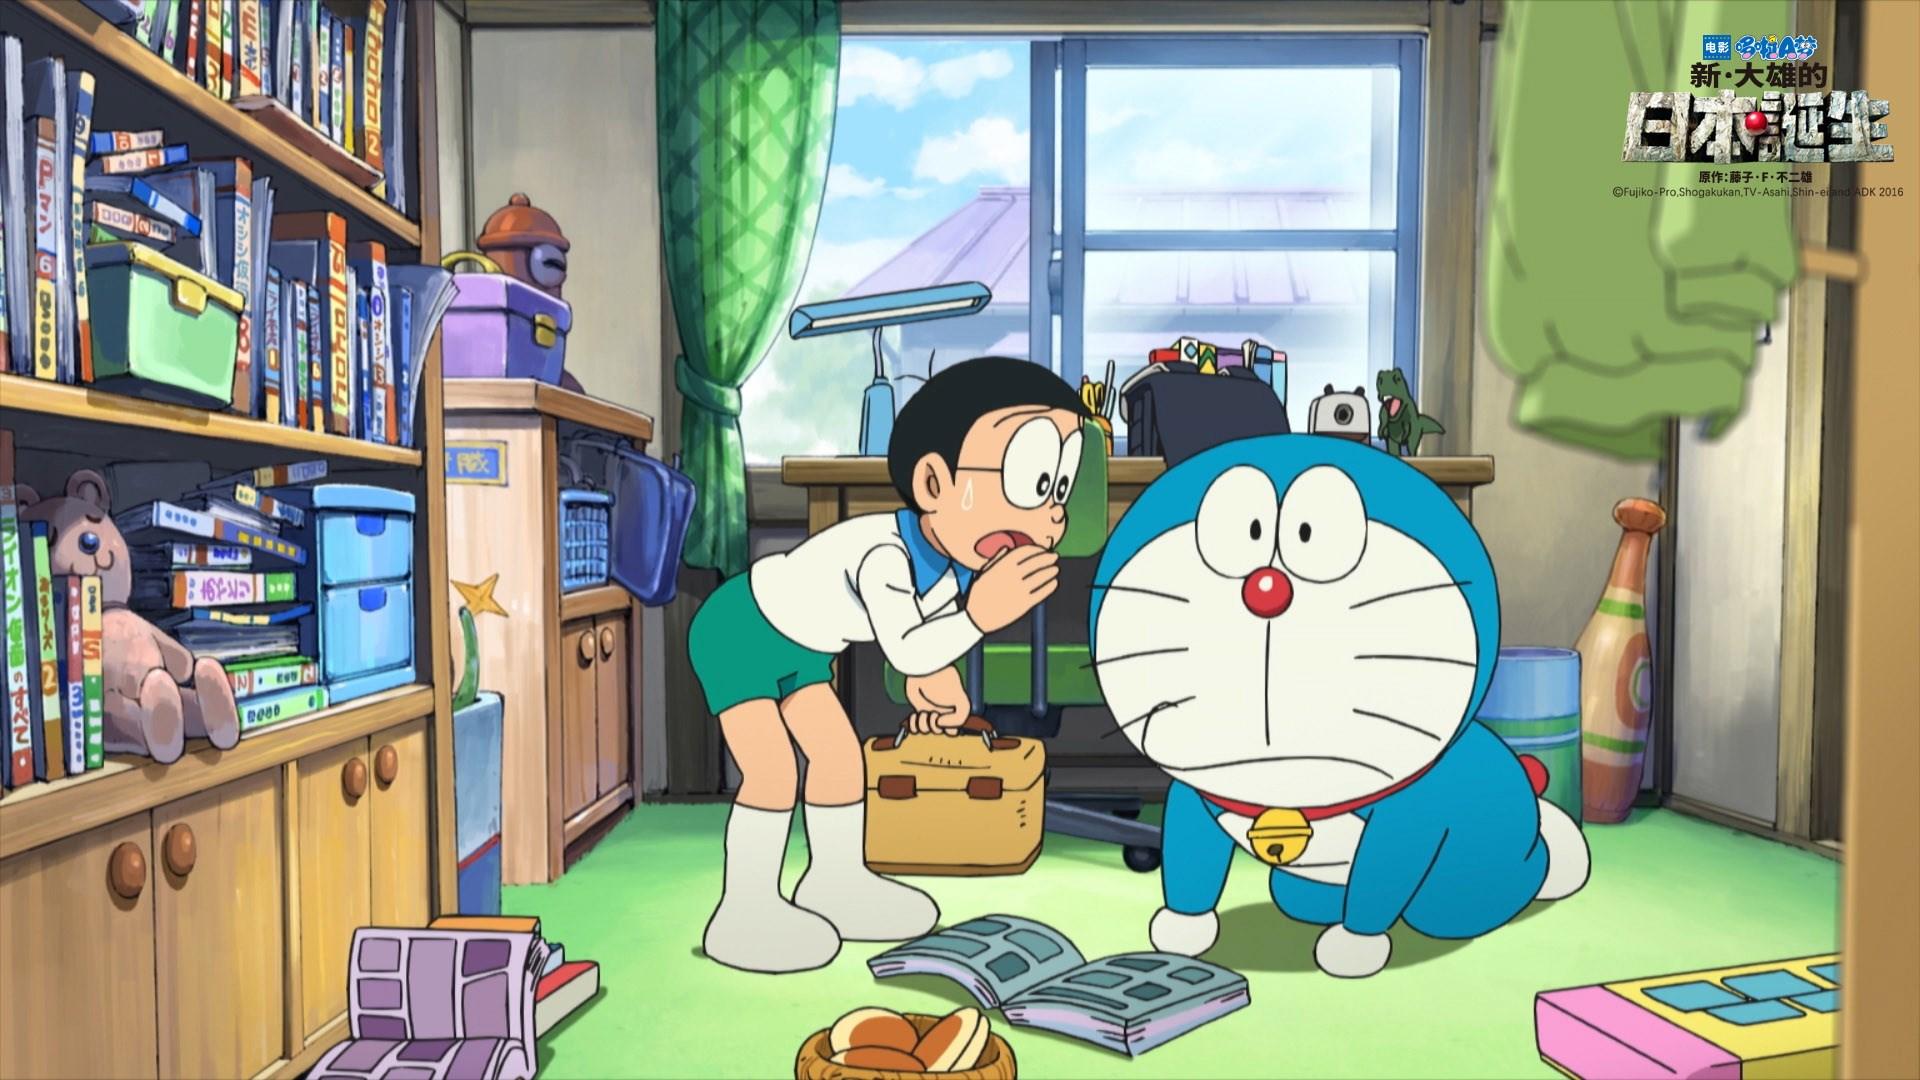 表情 哆啦A梦 新 大雄的日本诞生电脑壁纸第一辑第5页 高清桌面壁纸 图片